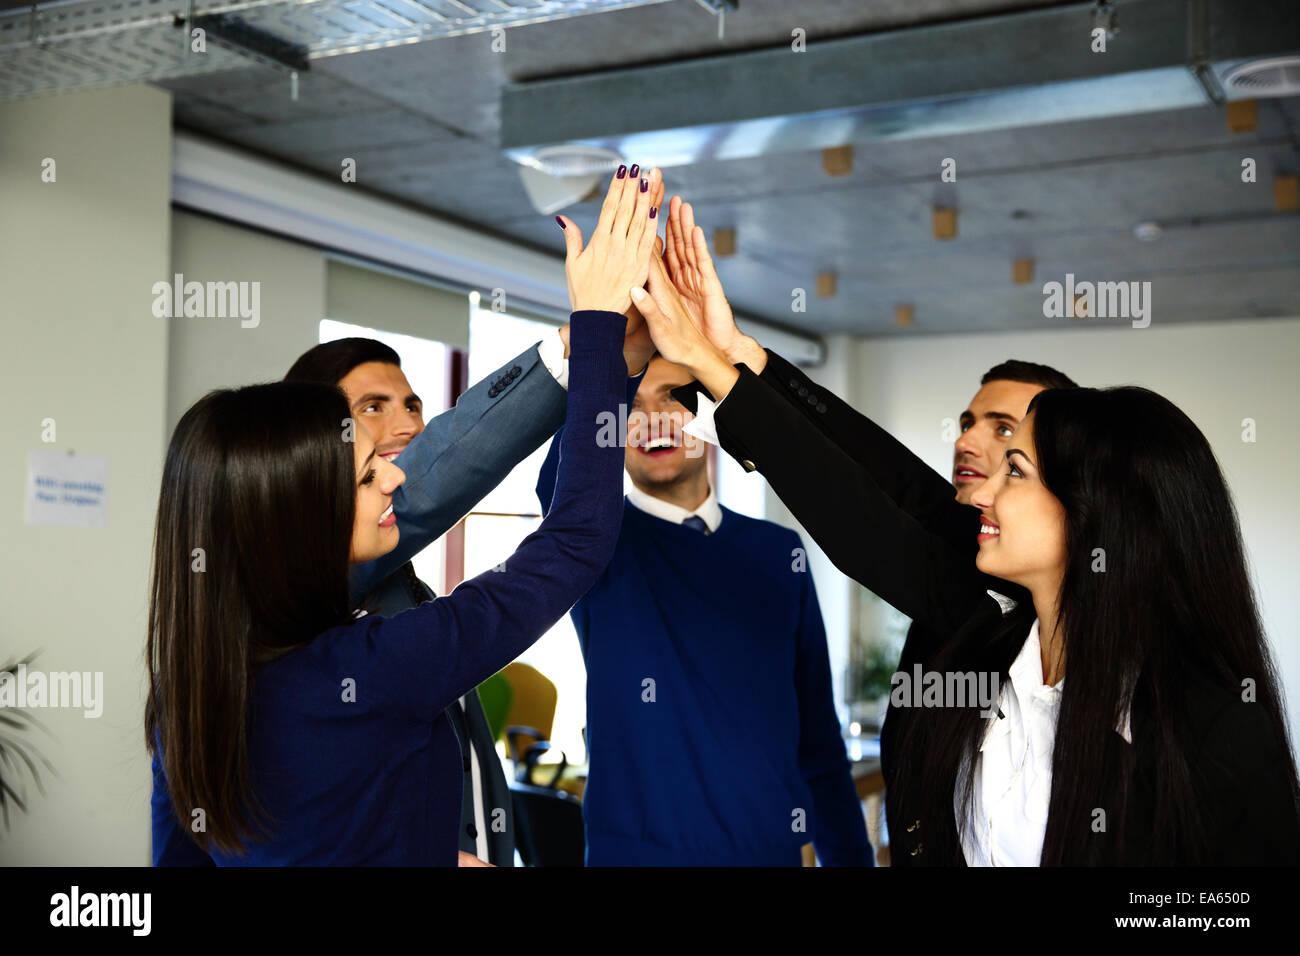 Feliz equipo empresarial es la celebración de manos juntas. Elevando una mano hacia arriba Imagen De Stock